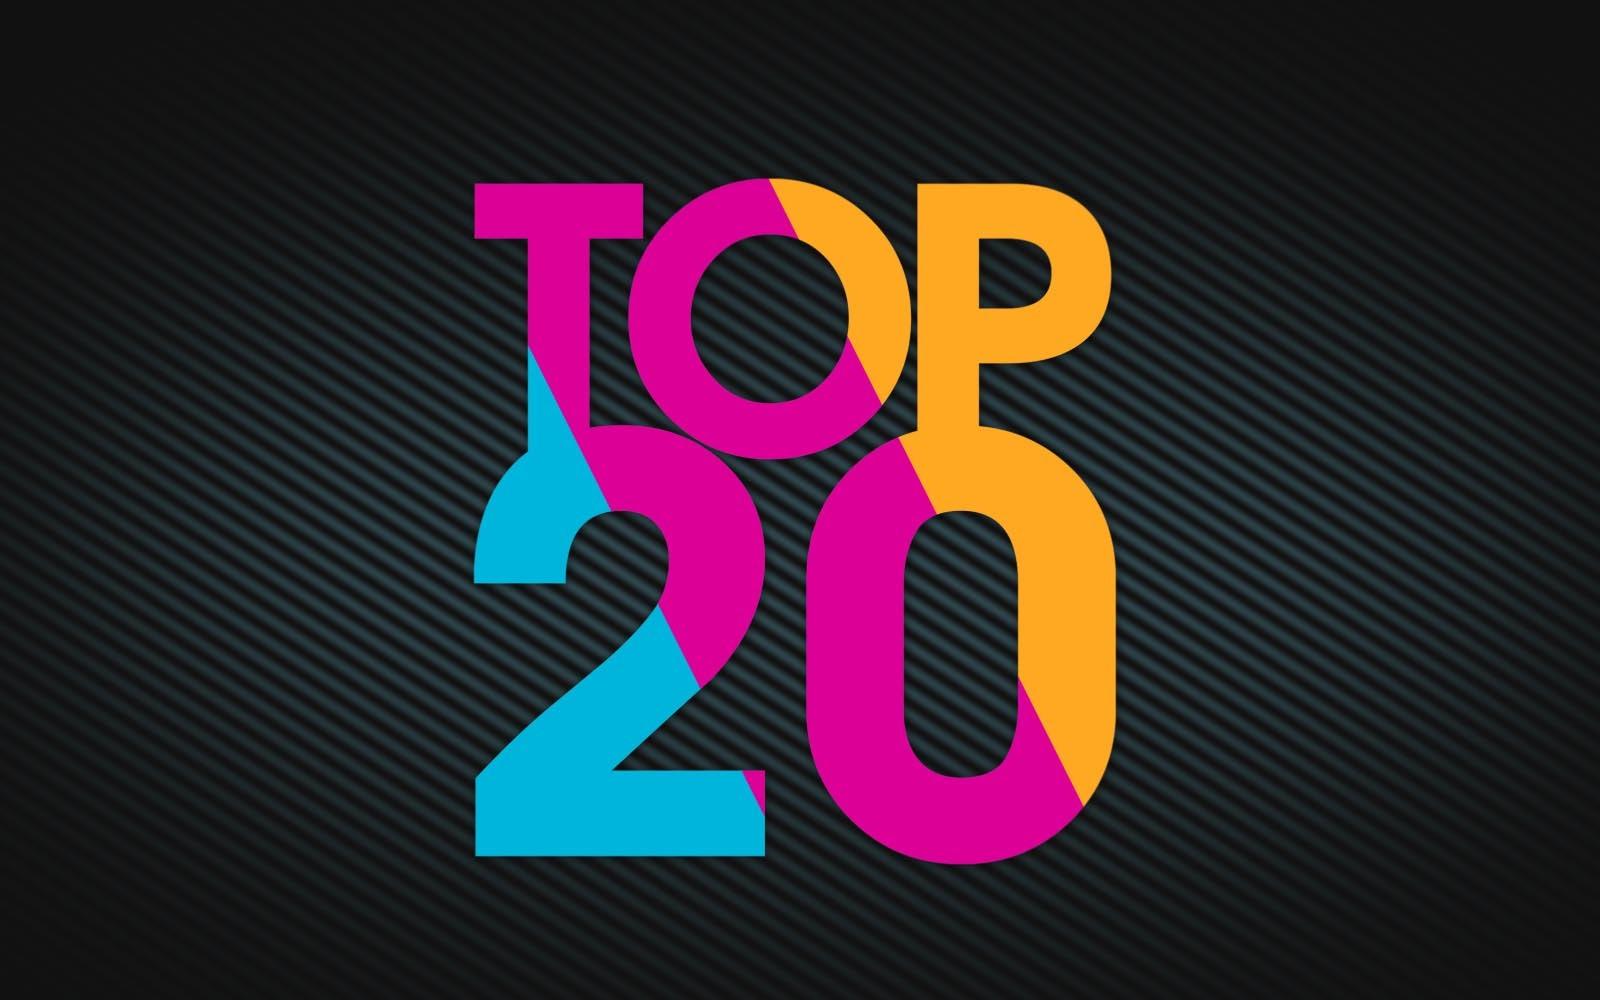 TOP20: এই ২০ জন ক্রিকেটারের বউ ও বান্ধবী অসম্বভ সুন্দরী 1